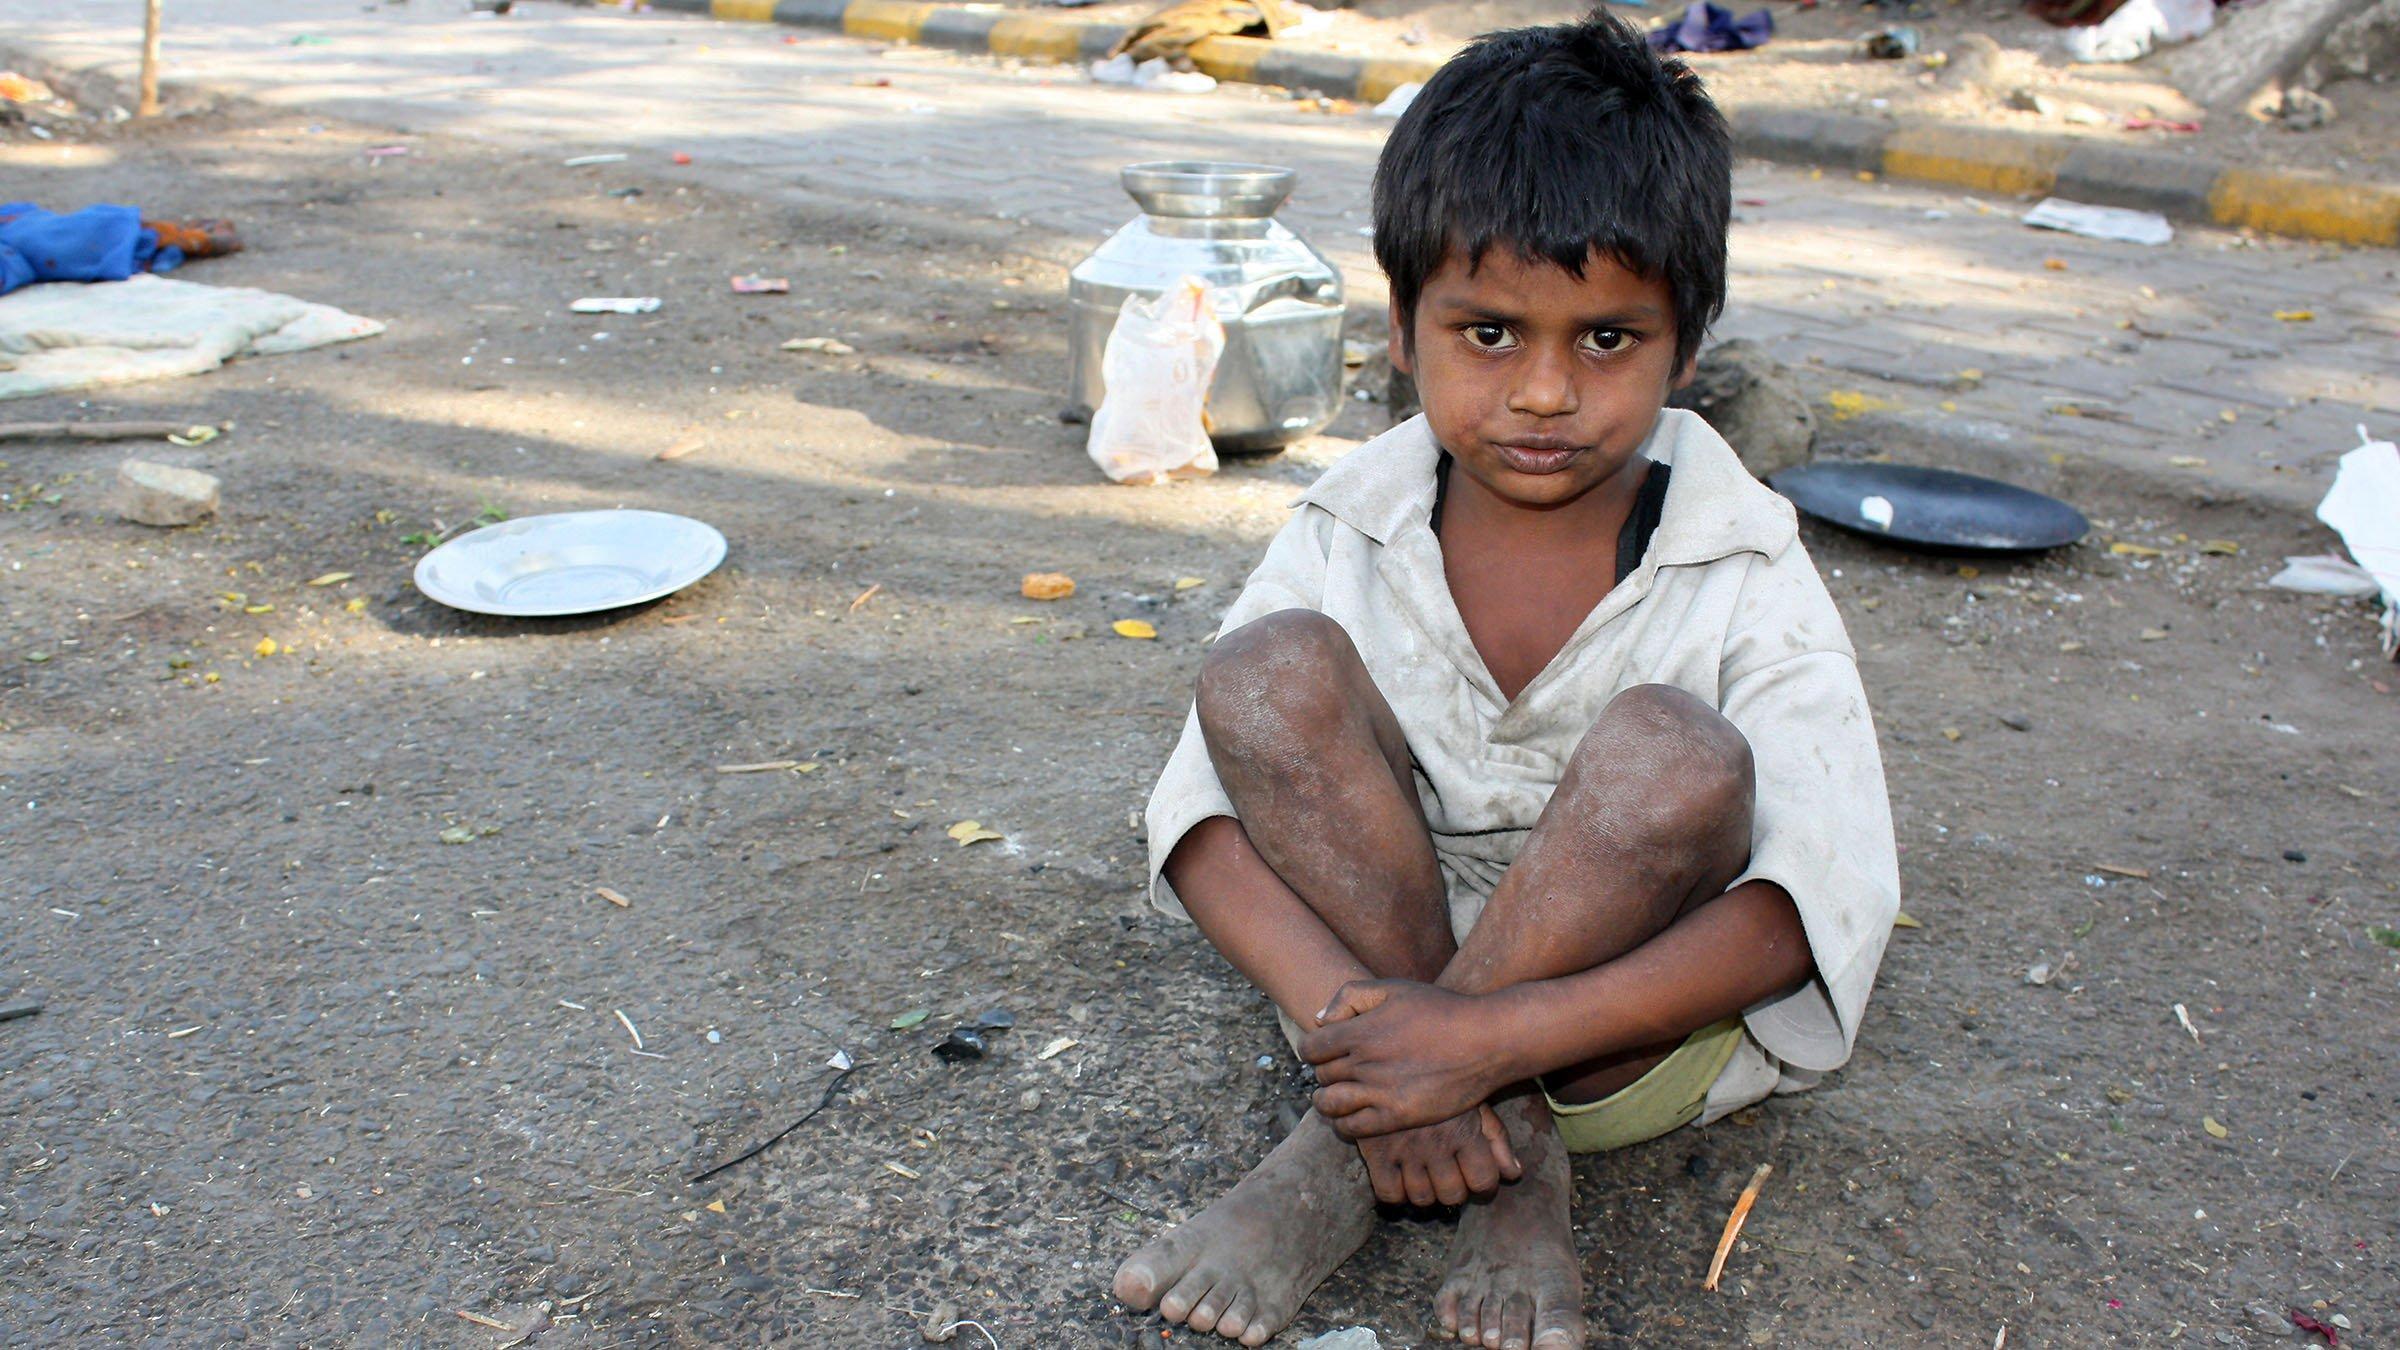 estadíaticas de la pobreza malnutrición